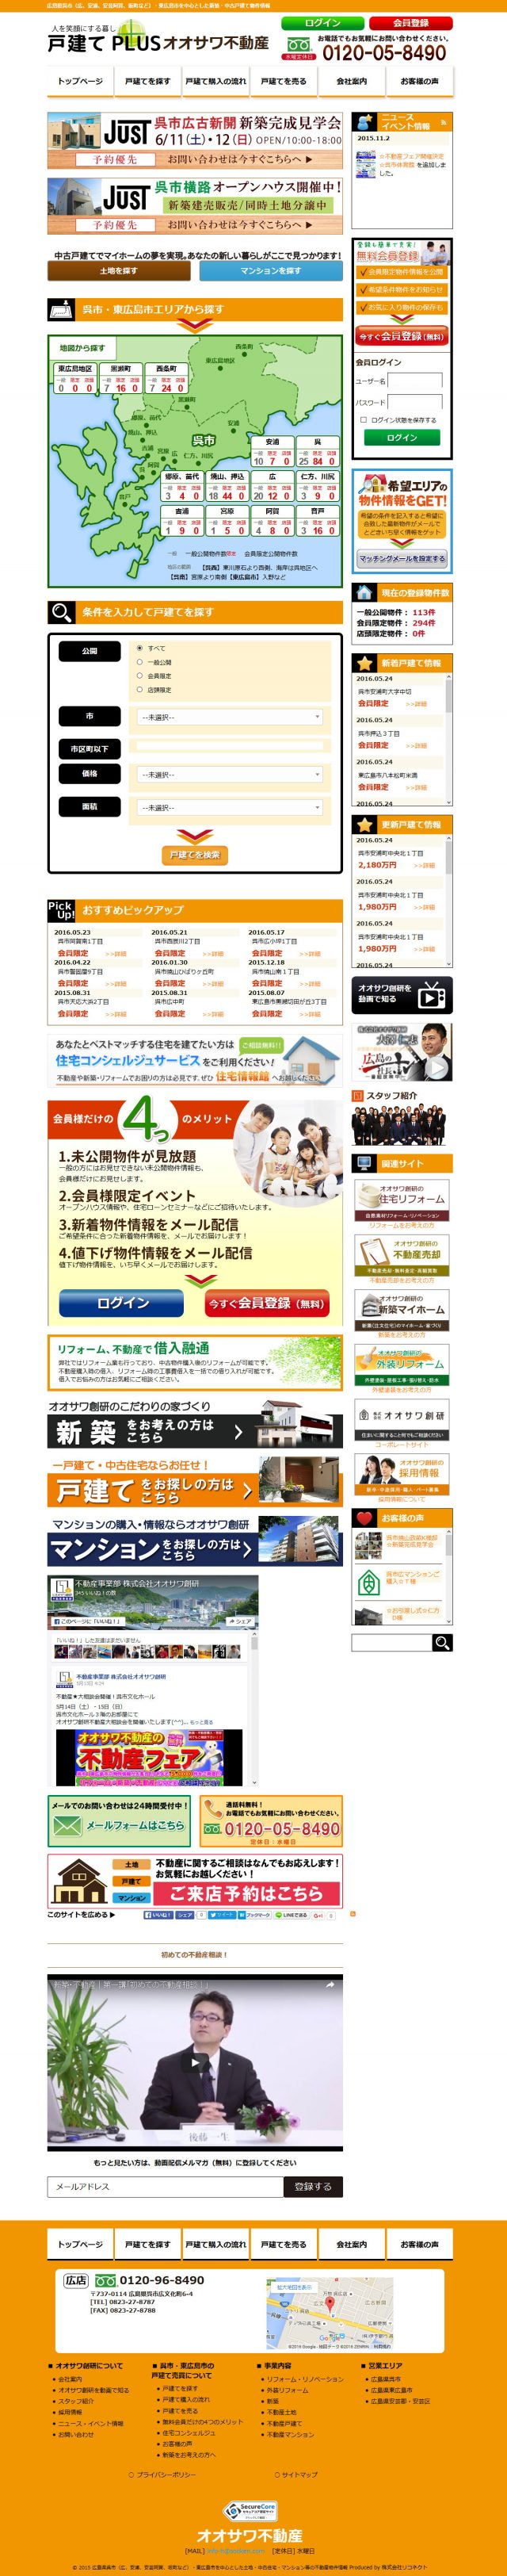 広島県呉市 新築・中古戸建てのオオサワ不動産「戸建てPLUS」